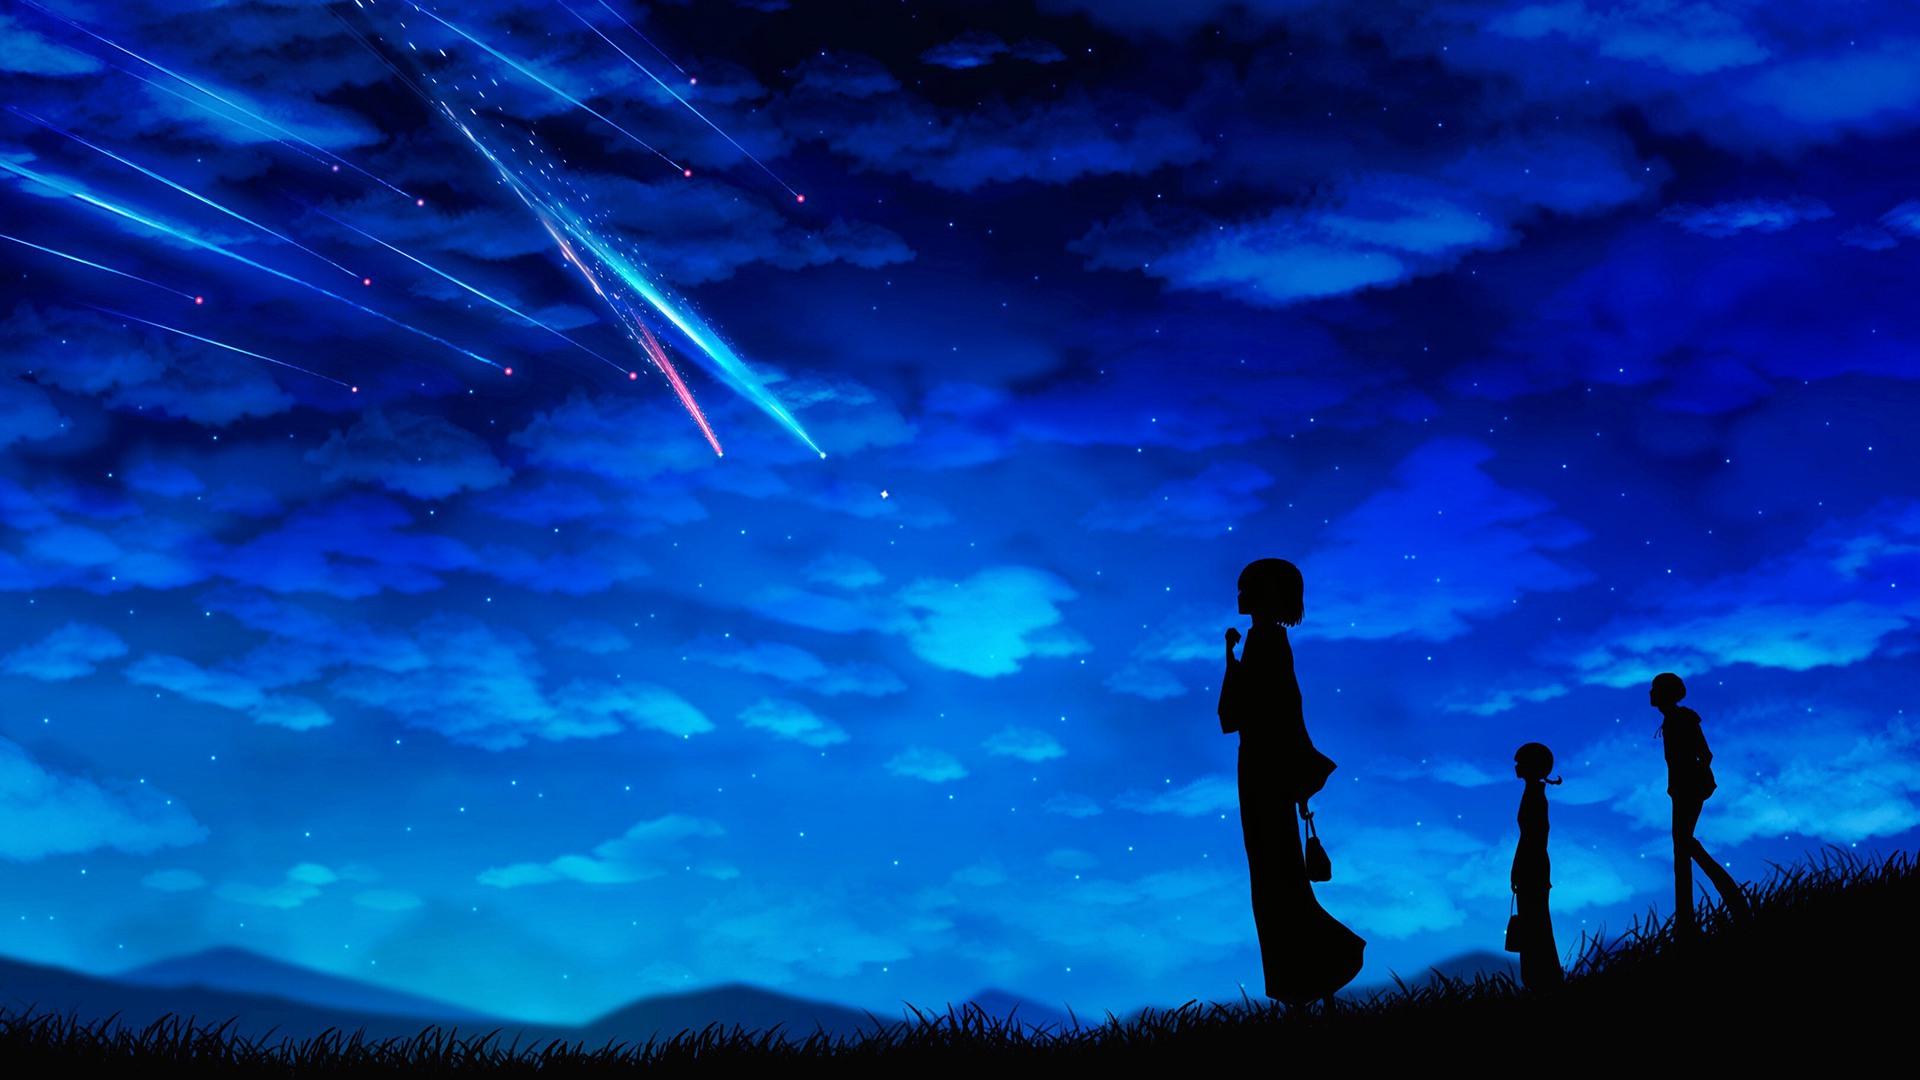 Ảnh đẹp anime galaxy